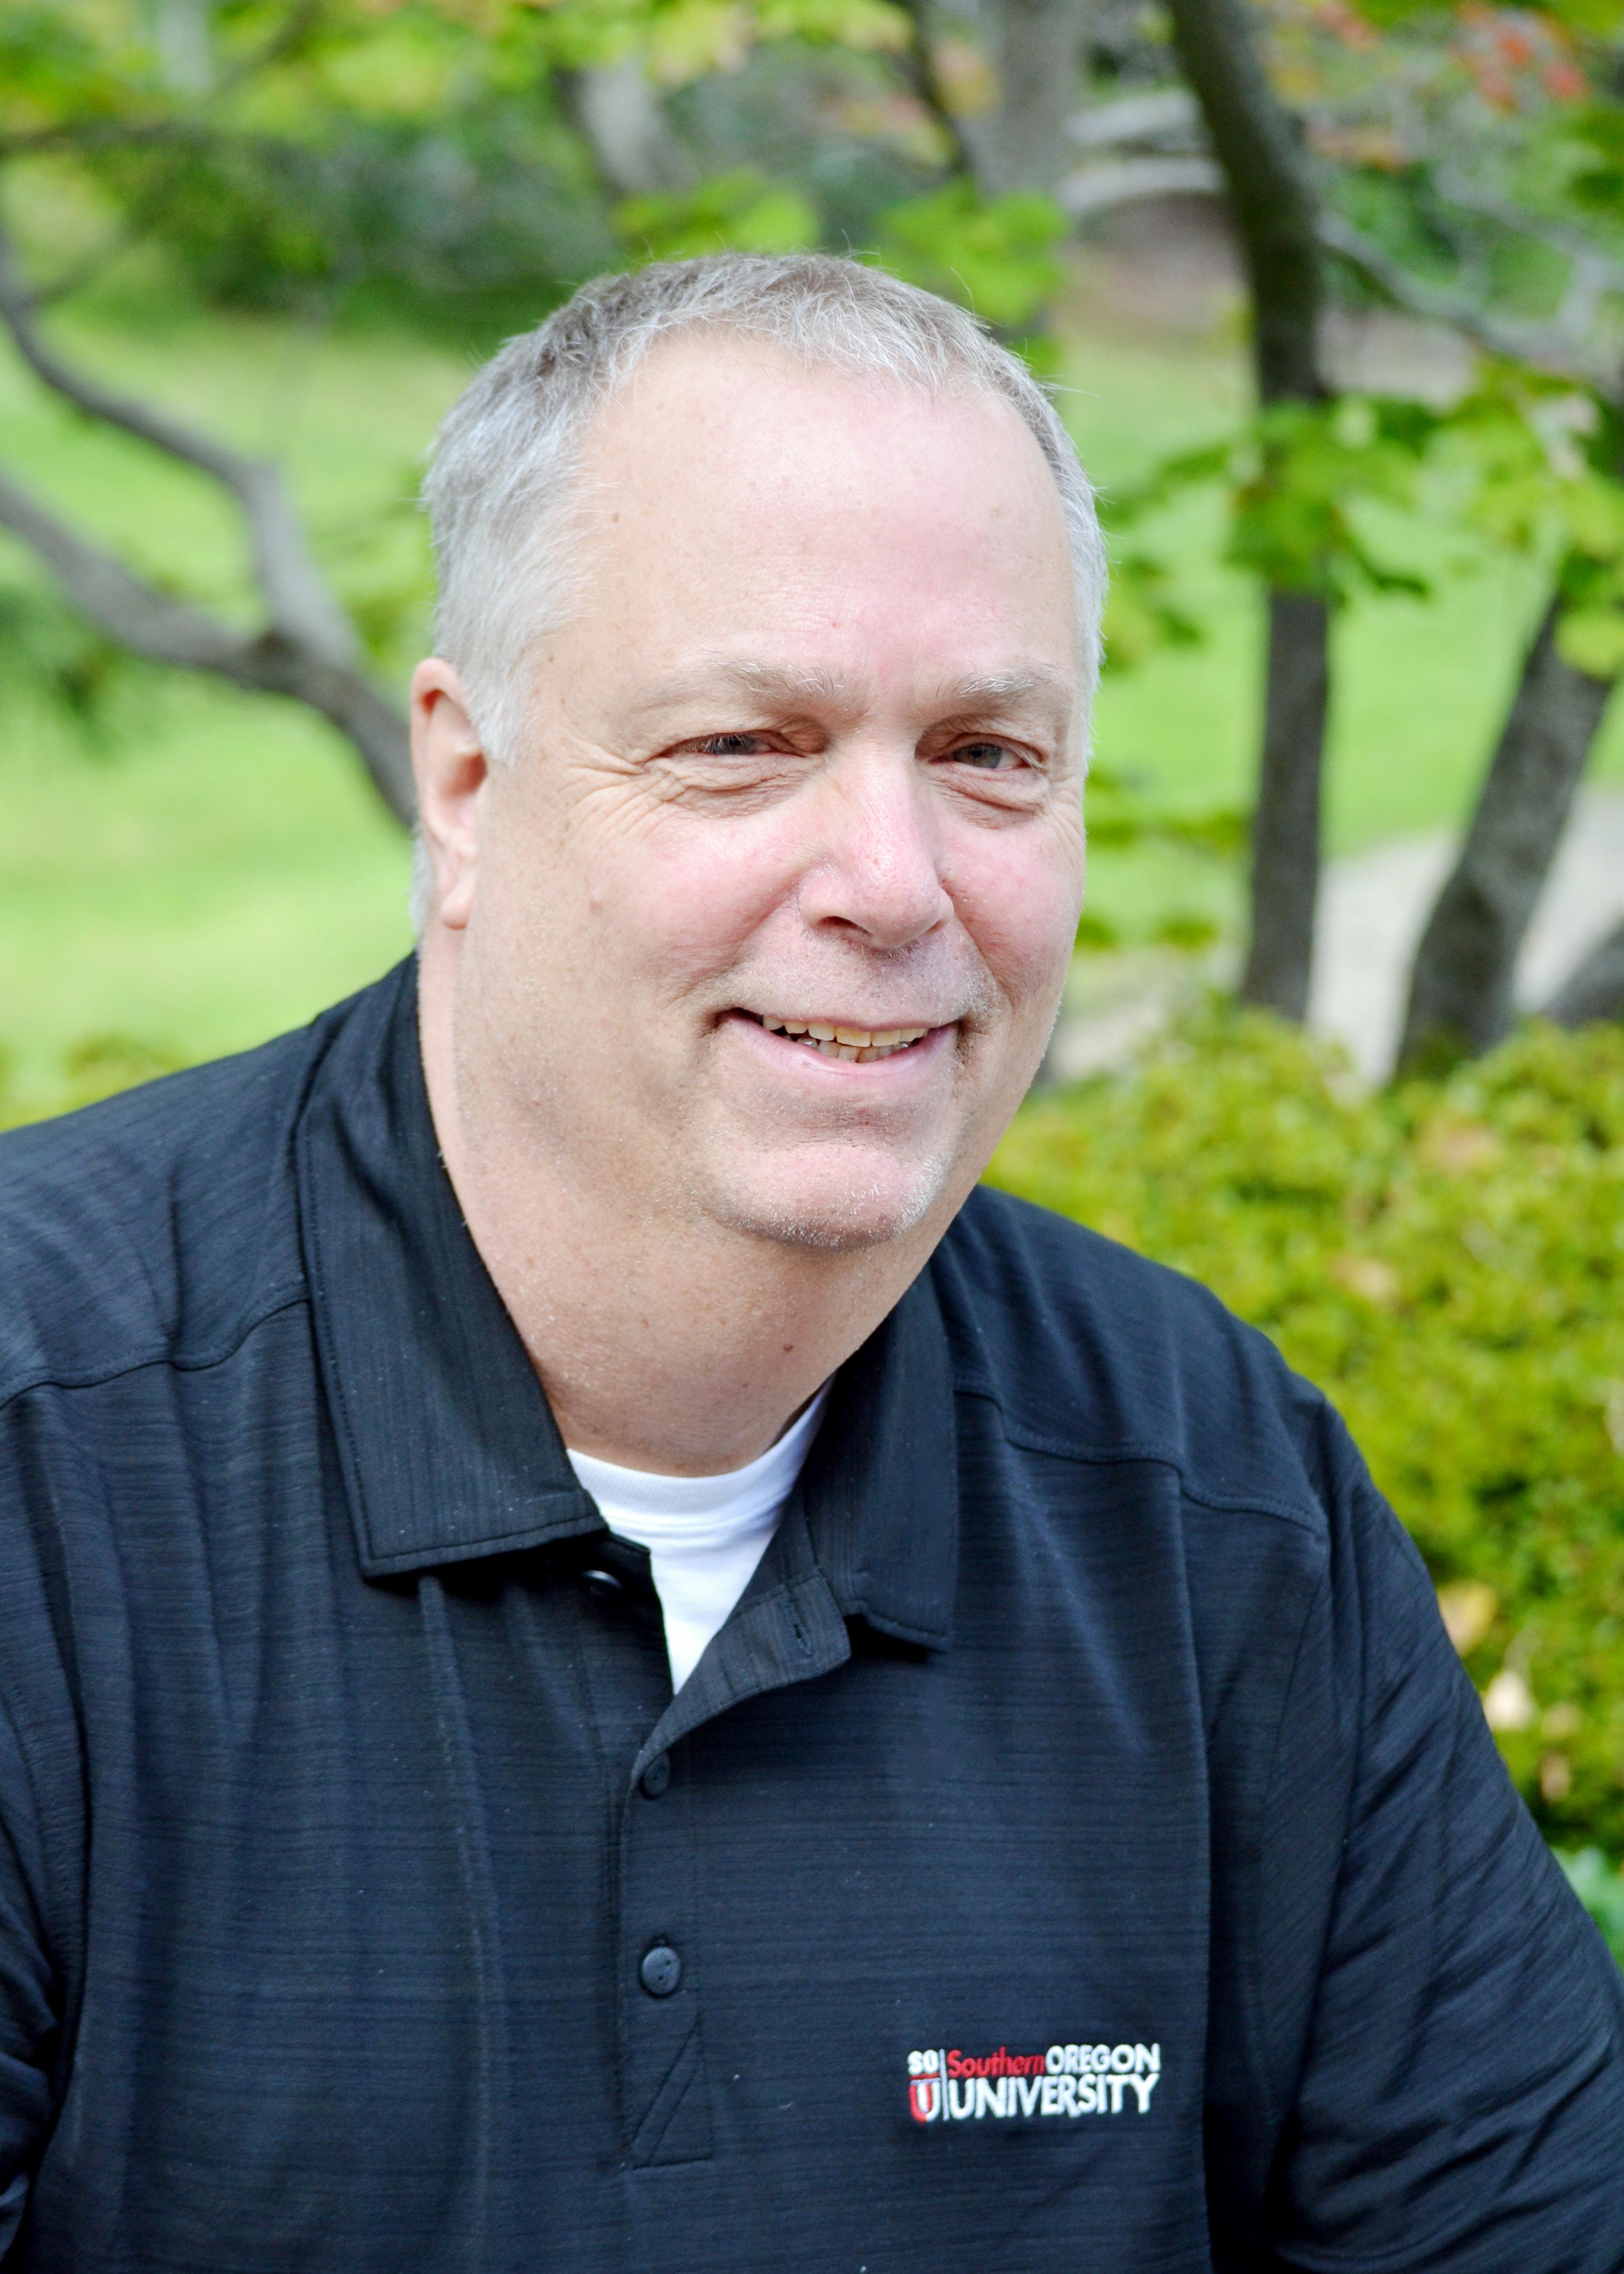 Dennis Slattery